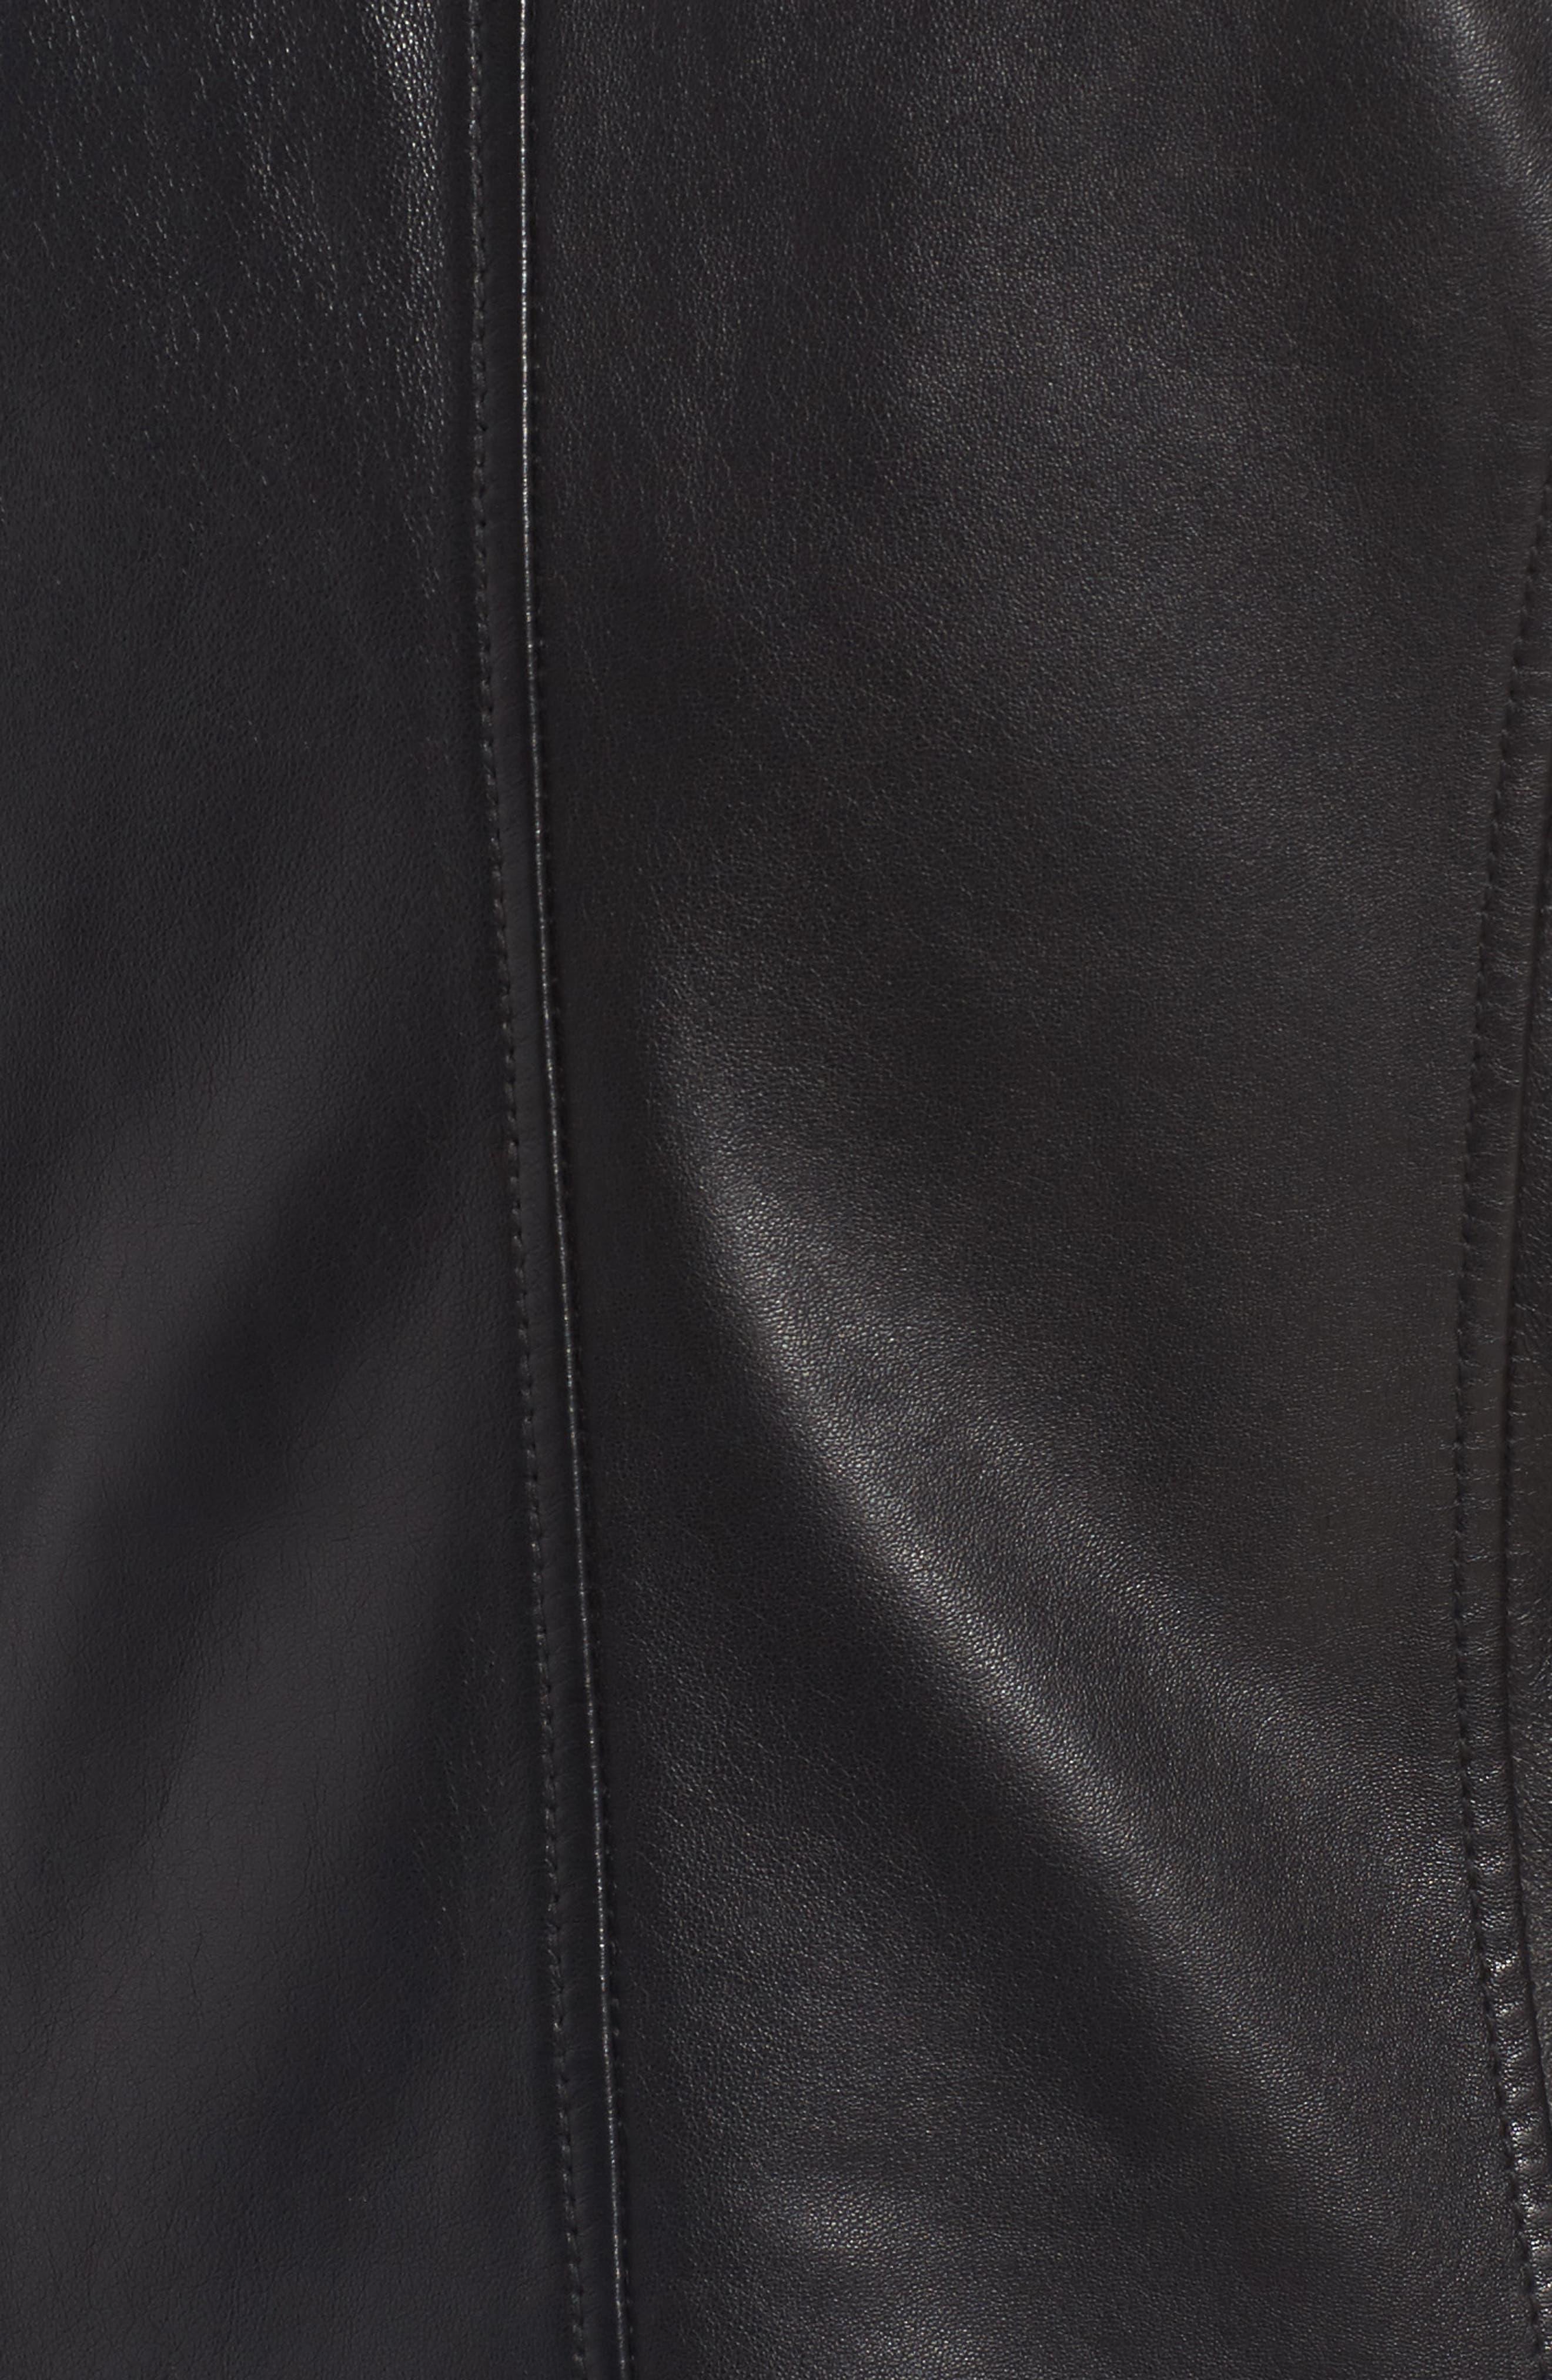 Patch Pocket Leather Biker Jacket,                             Alternate thumbnail 6, color,                             BLACK